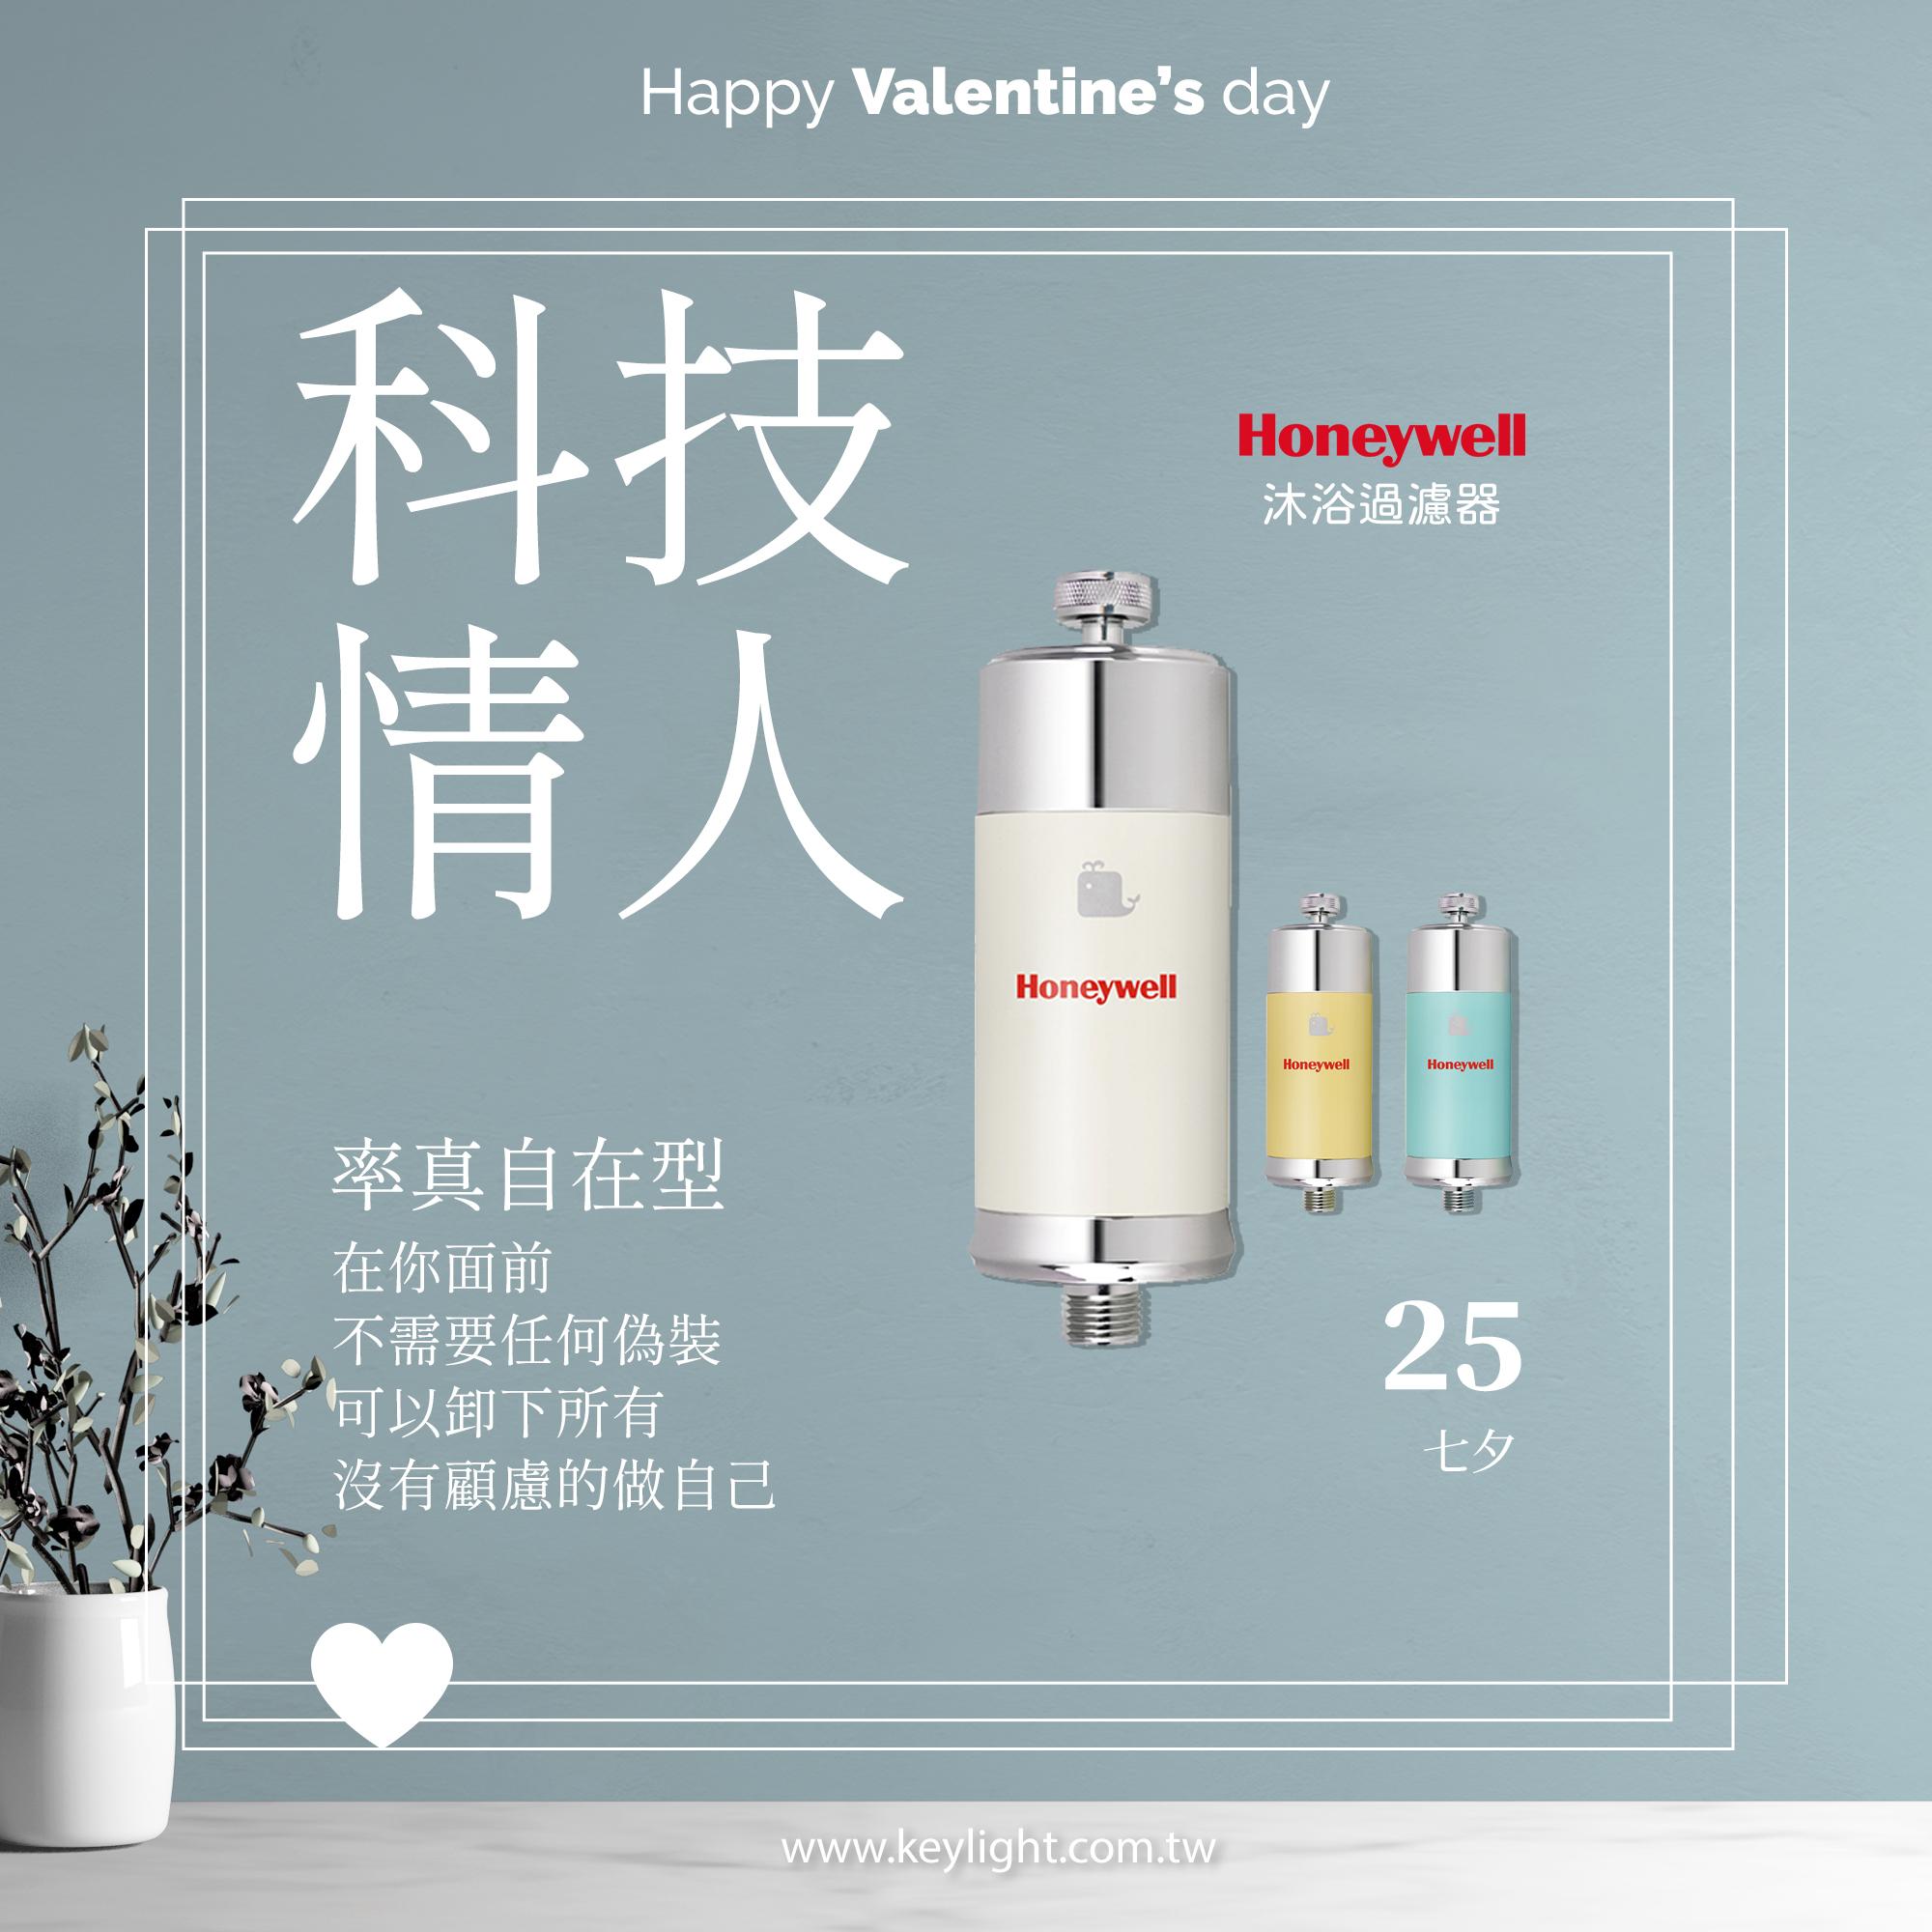 奇萊科技情人節-Honeywell沐浴過濾器.jpg